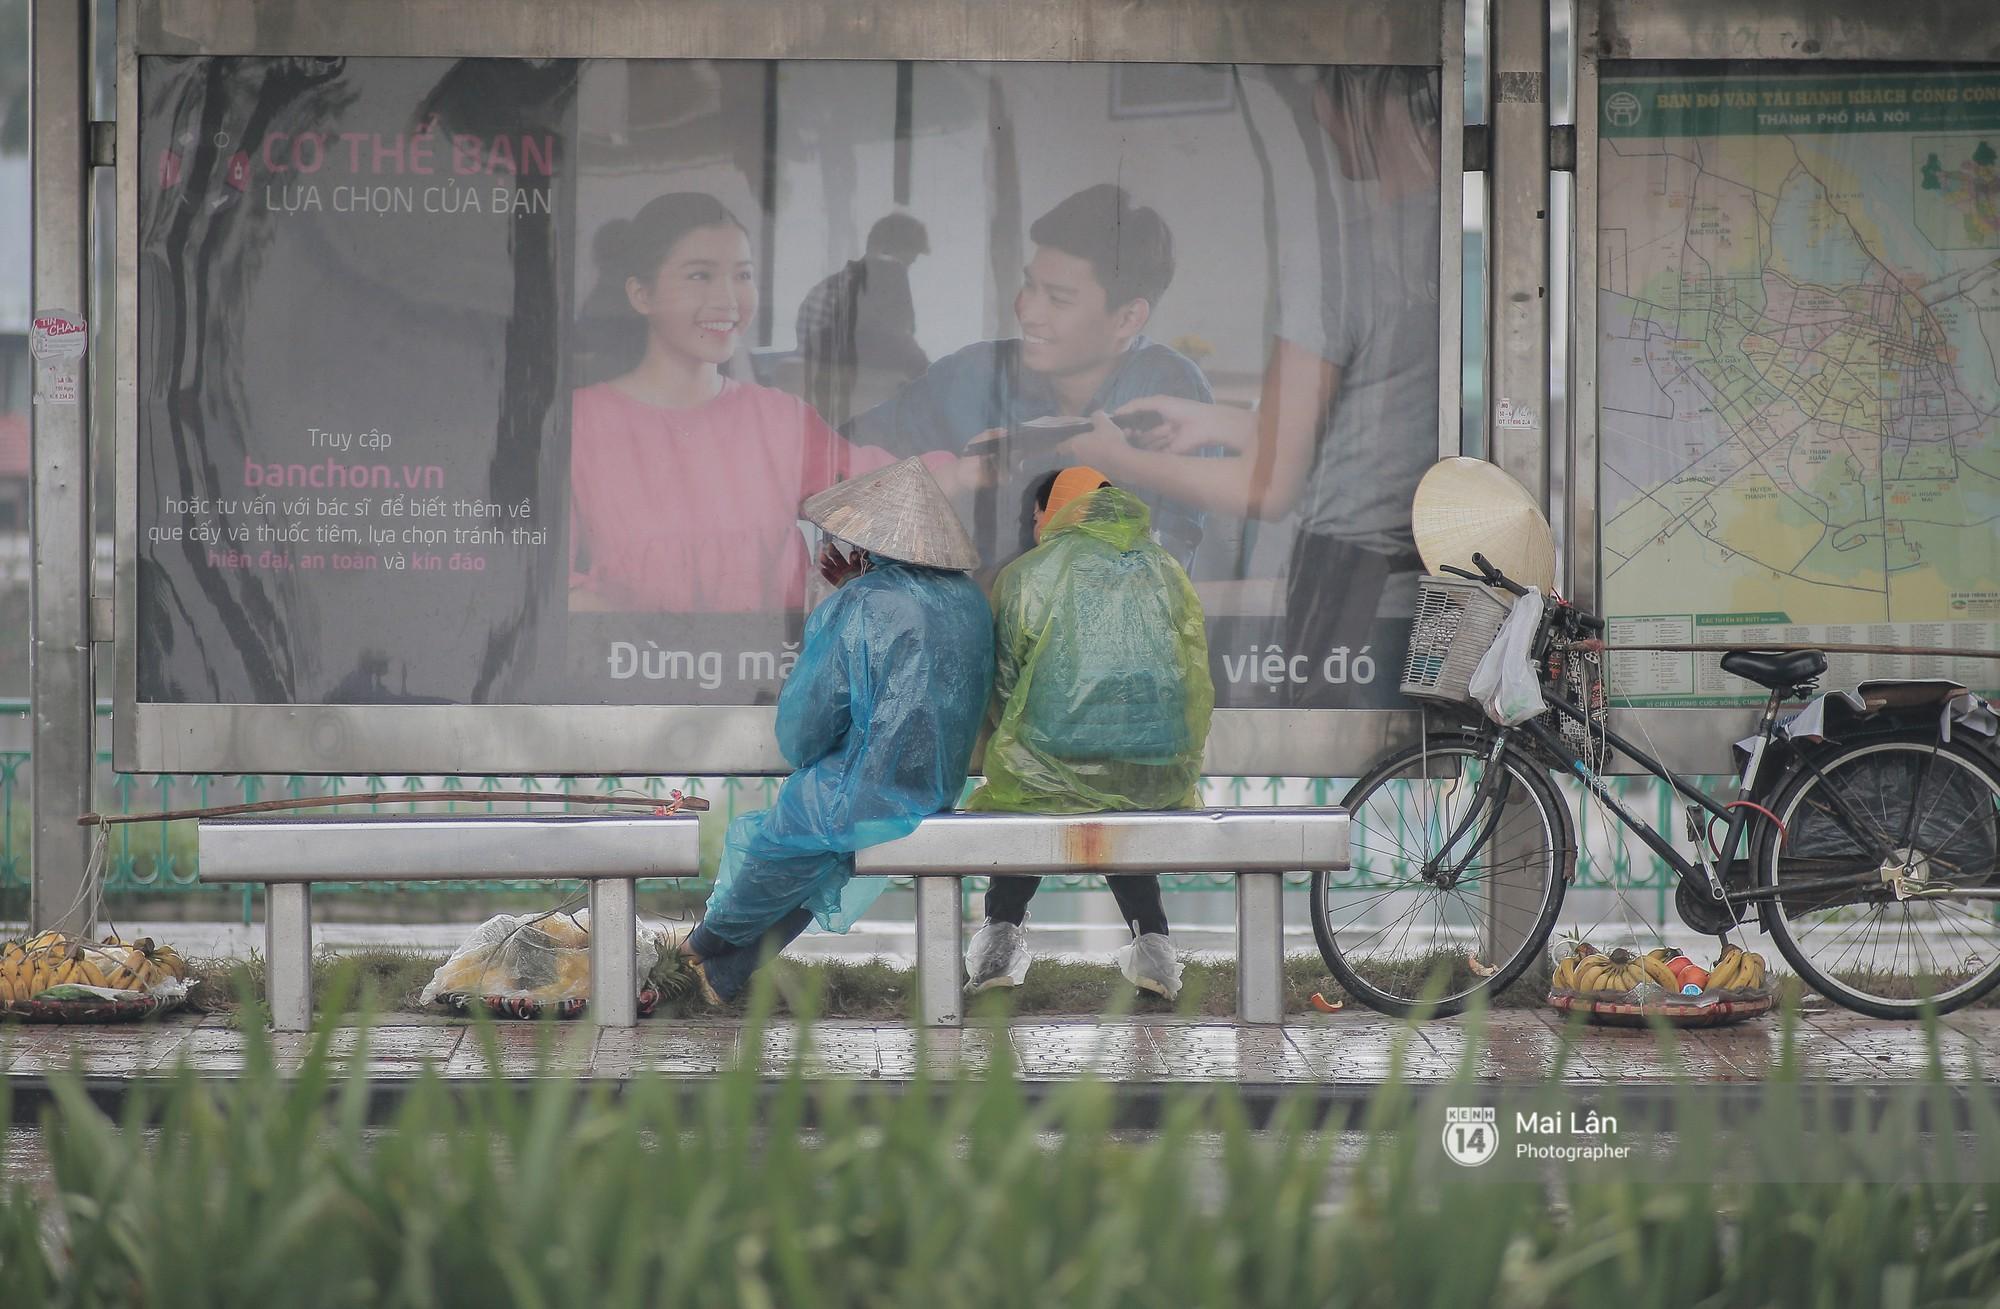 Chùm ảnh: Hà Nội giá rét 10 độ, một chiếc thùng carton hay manh áo mưa cũng khiến người lao động nghèo ấm hơn - Ảnh 3.